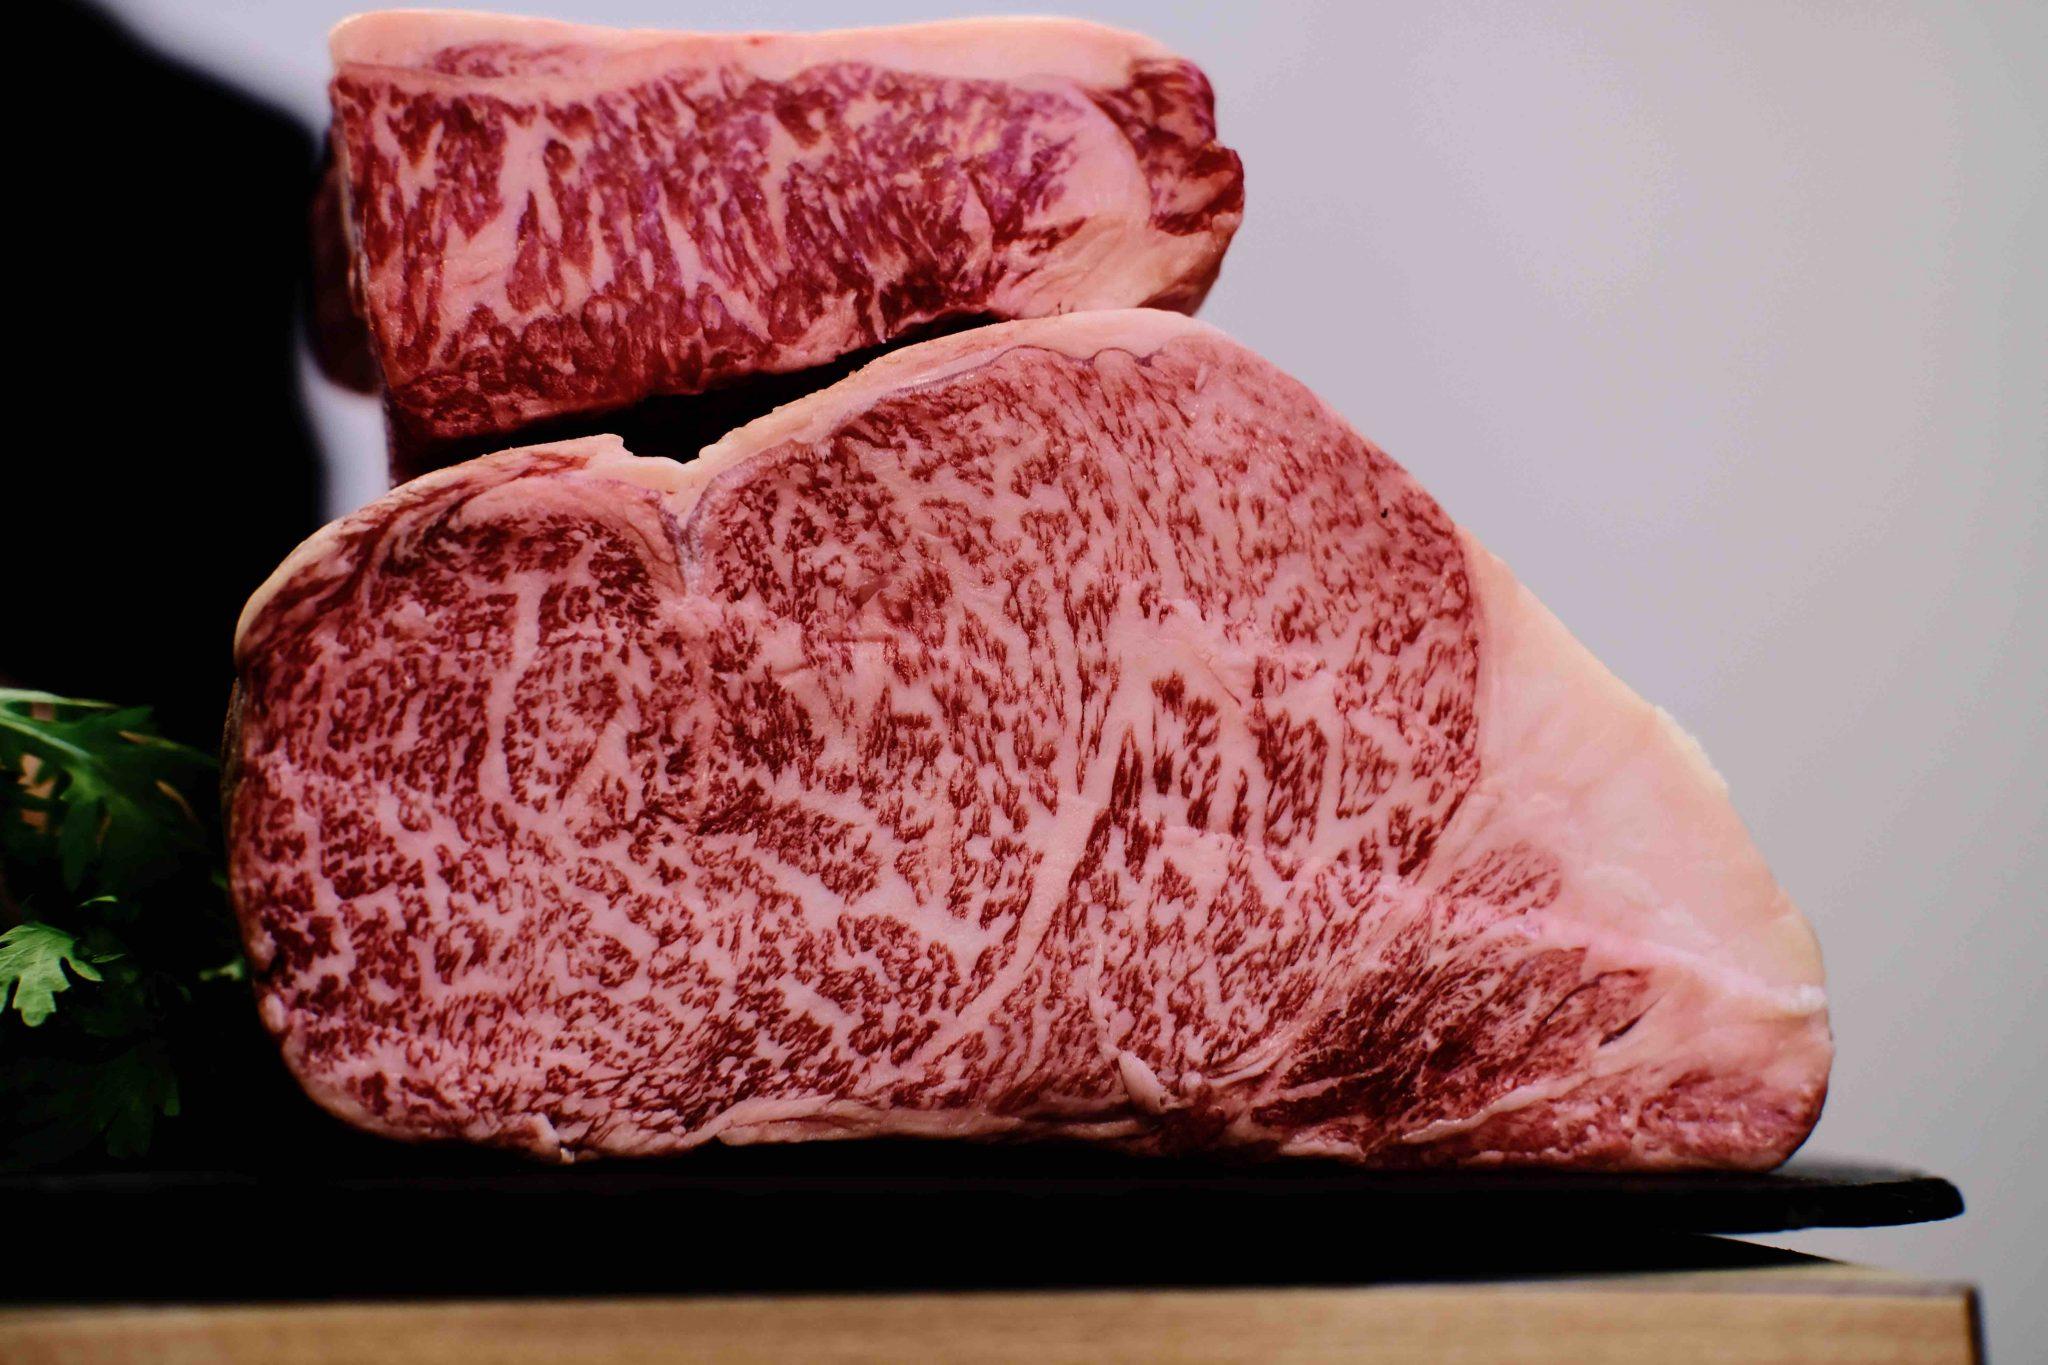 Мраморная говядина - что это за мясо, почему так называется, как получают, фото и описание